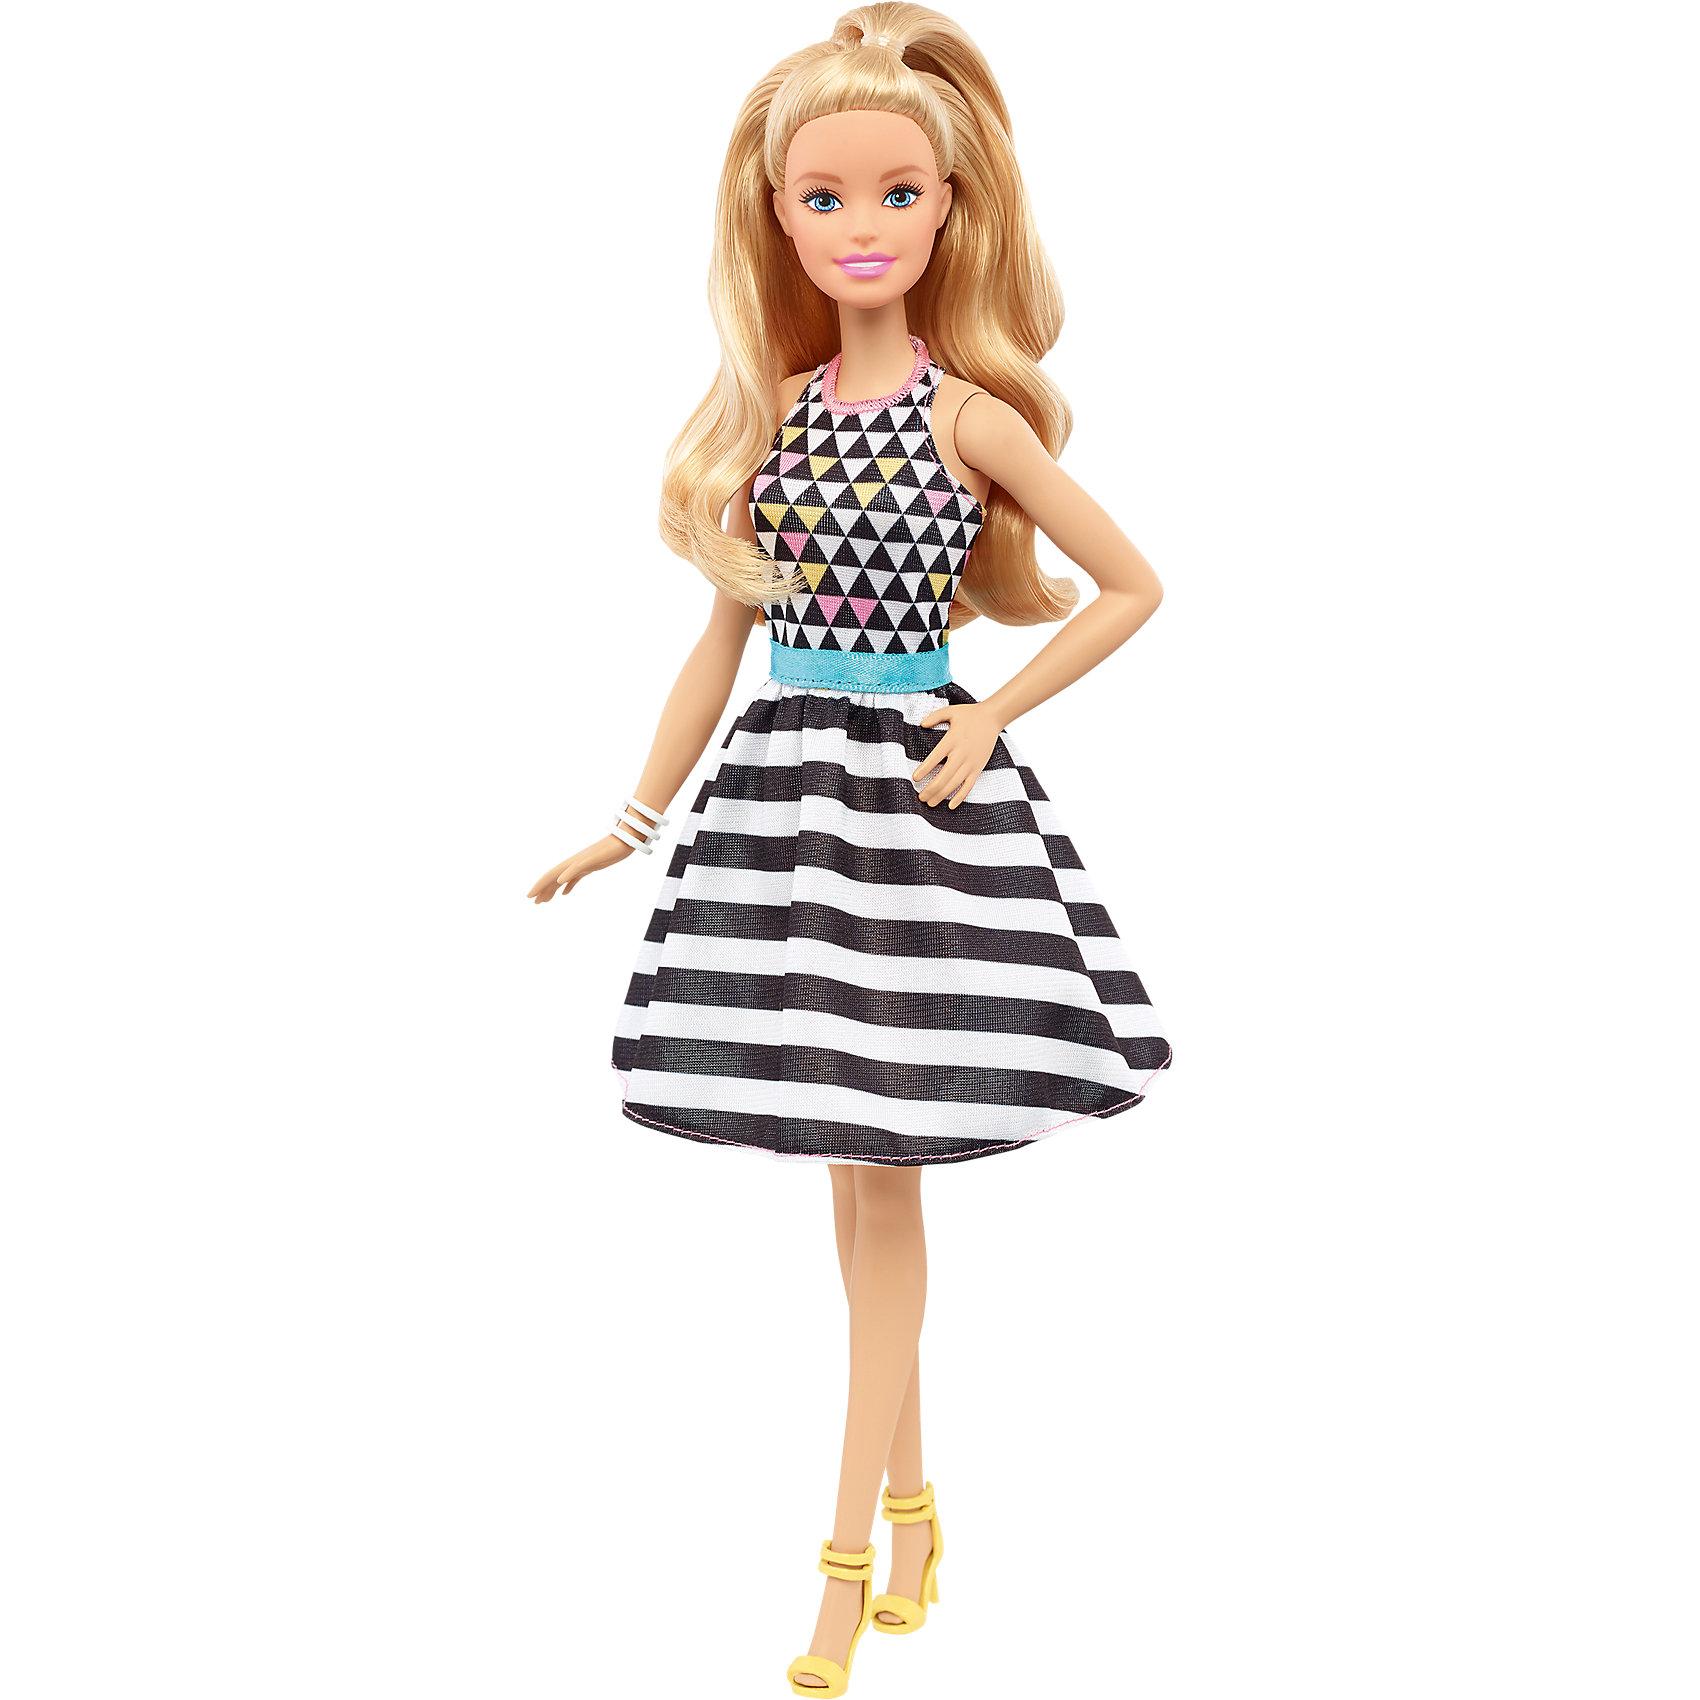 Кукла из серии Игра с модой Power Print, BarbieBarbie<br>Характеристики товара:<br><br>• комплектация: кукла, одежда<br>• материал: пластик, текстиль<br>• серия: Barbie игра с модой<br>• руки, ноги гнутся<br>• высота куклы: 28 см<br>• возраст: от трех лет<br>• размер упаковки: 33х12х5 см<br>• вес: 0,3 кг<br>• страна бренда: США<br><br>Невероятно модный образ изящной куклы порадует маленьких любительниц стильных и необычных нарядов. Стильную одежду дополняет обувь и аксессуары. Длинные волосы позволяют делать разнообразные прически! Барби из серии Игра с модой станет великолепным подарком для девочек, которые следят за модными тенденциями.<br><br>Таки куклы помогают развить у девочек вкус и чувство стиля, отработать сценарии поведения в обществе, развить воображение и мелкую моторику. Барби от бренда Mattel не перестает быть популярной! <br><br>Куклу Барби Power Print из серии «Barbie и Игра с Модой» от компании Mattel можно купить в нашем интернет-магазине.<br><br>Ширина мм: 326<br>Глубина мм: 116<br>Высота мм: 50<br>Вес г: 169<br>Возраст от месяцев: 36<br>Возраст до месяцев: 72<br>Пол: Женский<br>Возраст: Детский<br>SKU: 5257122